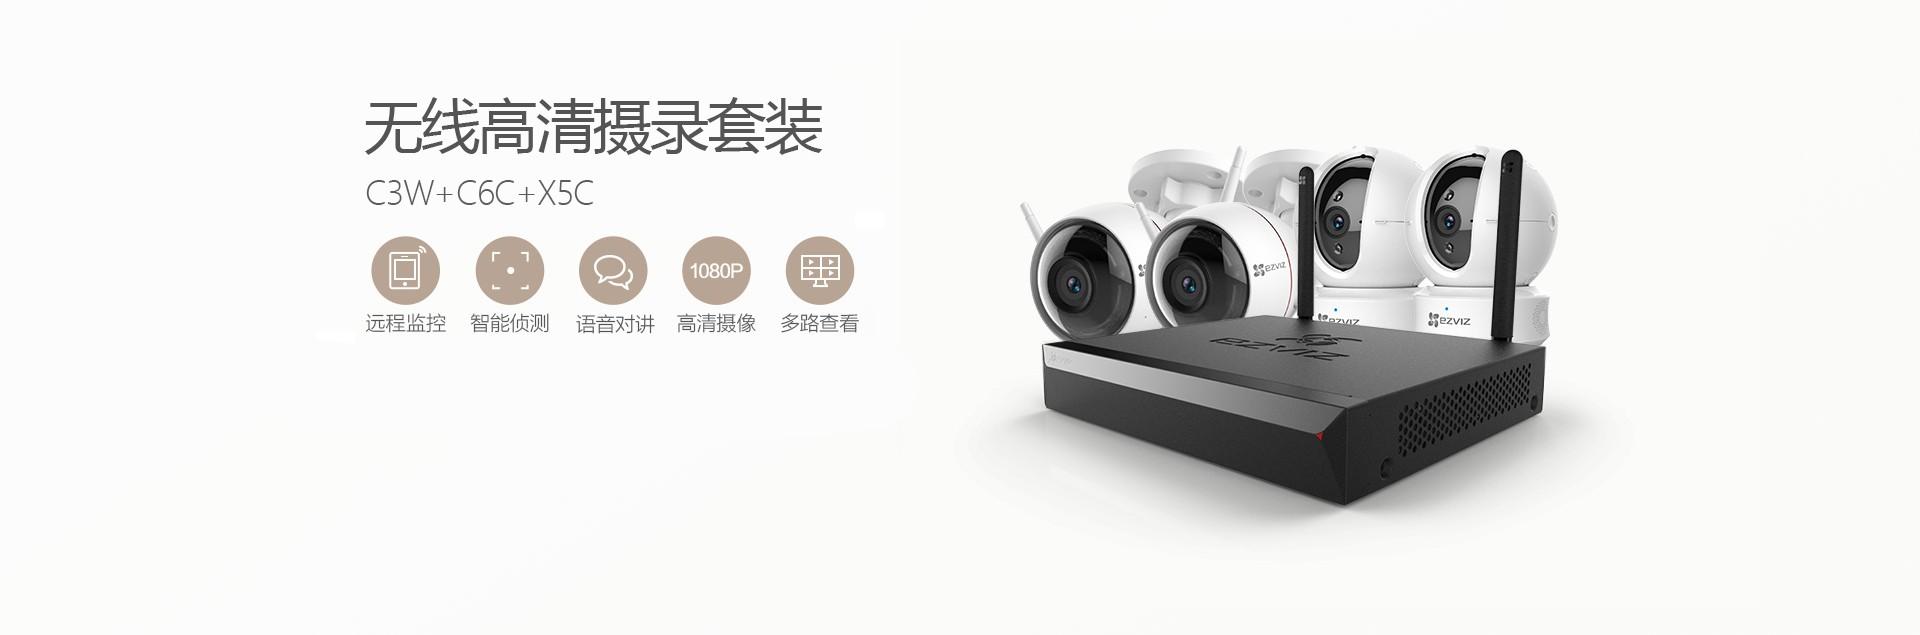 无线高清摄录套装2.jpg